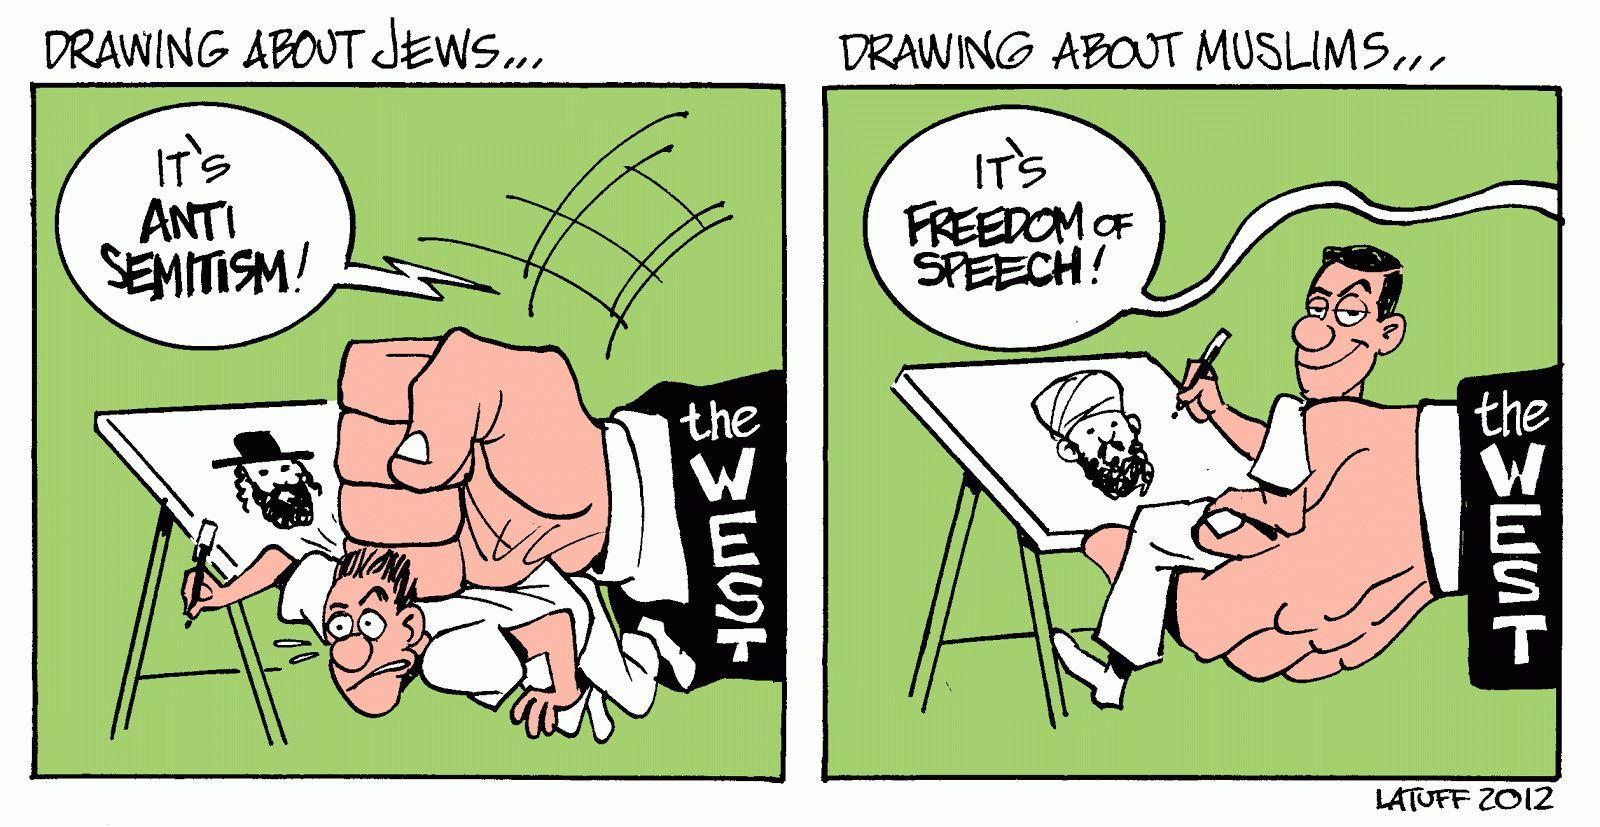 media censorship essay